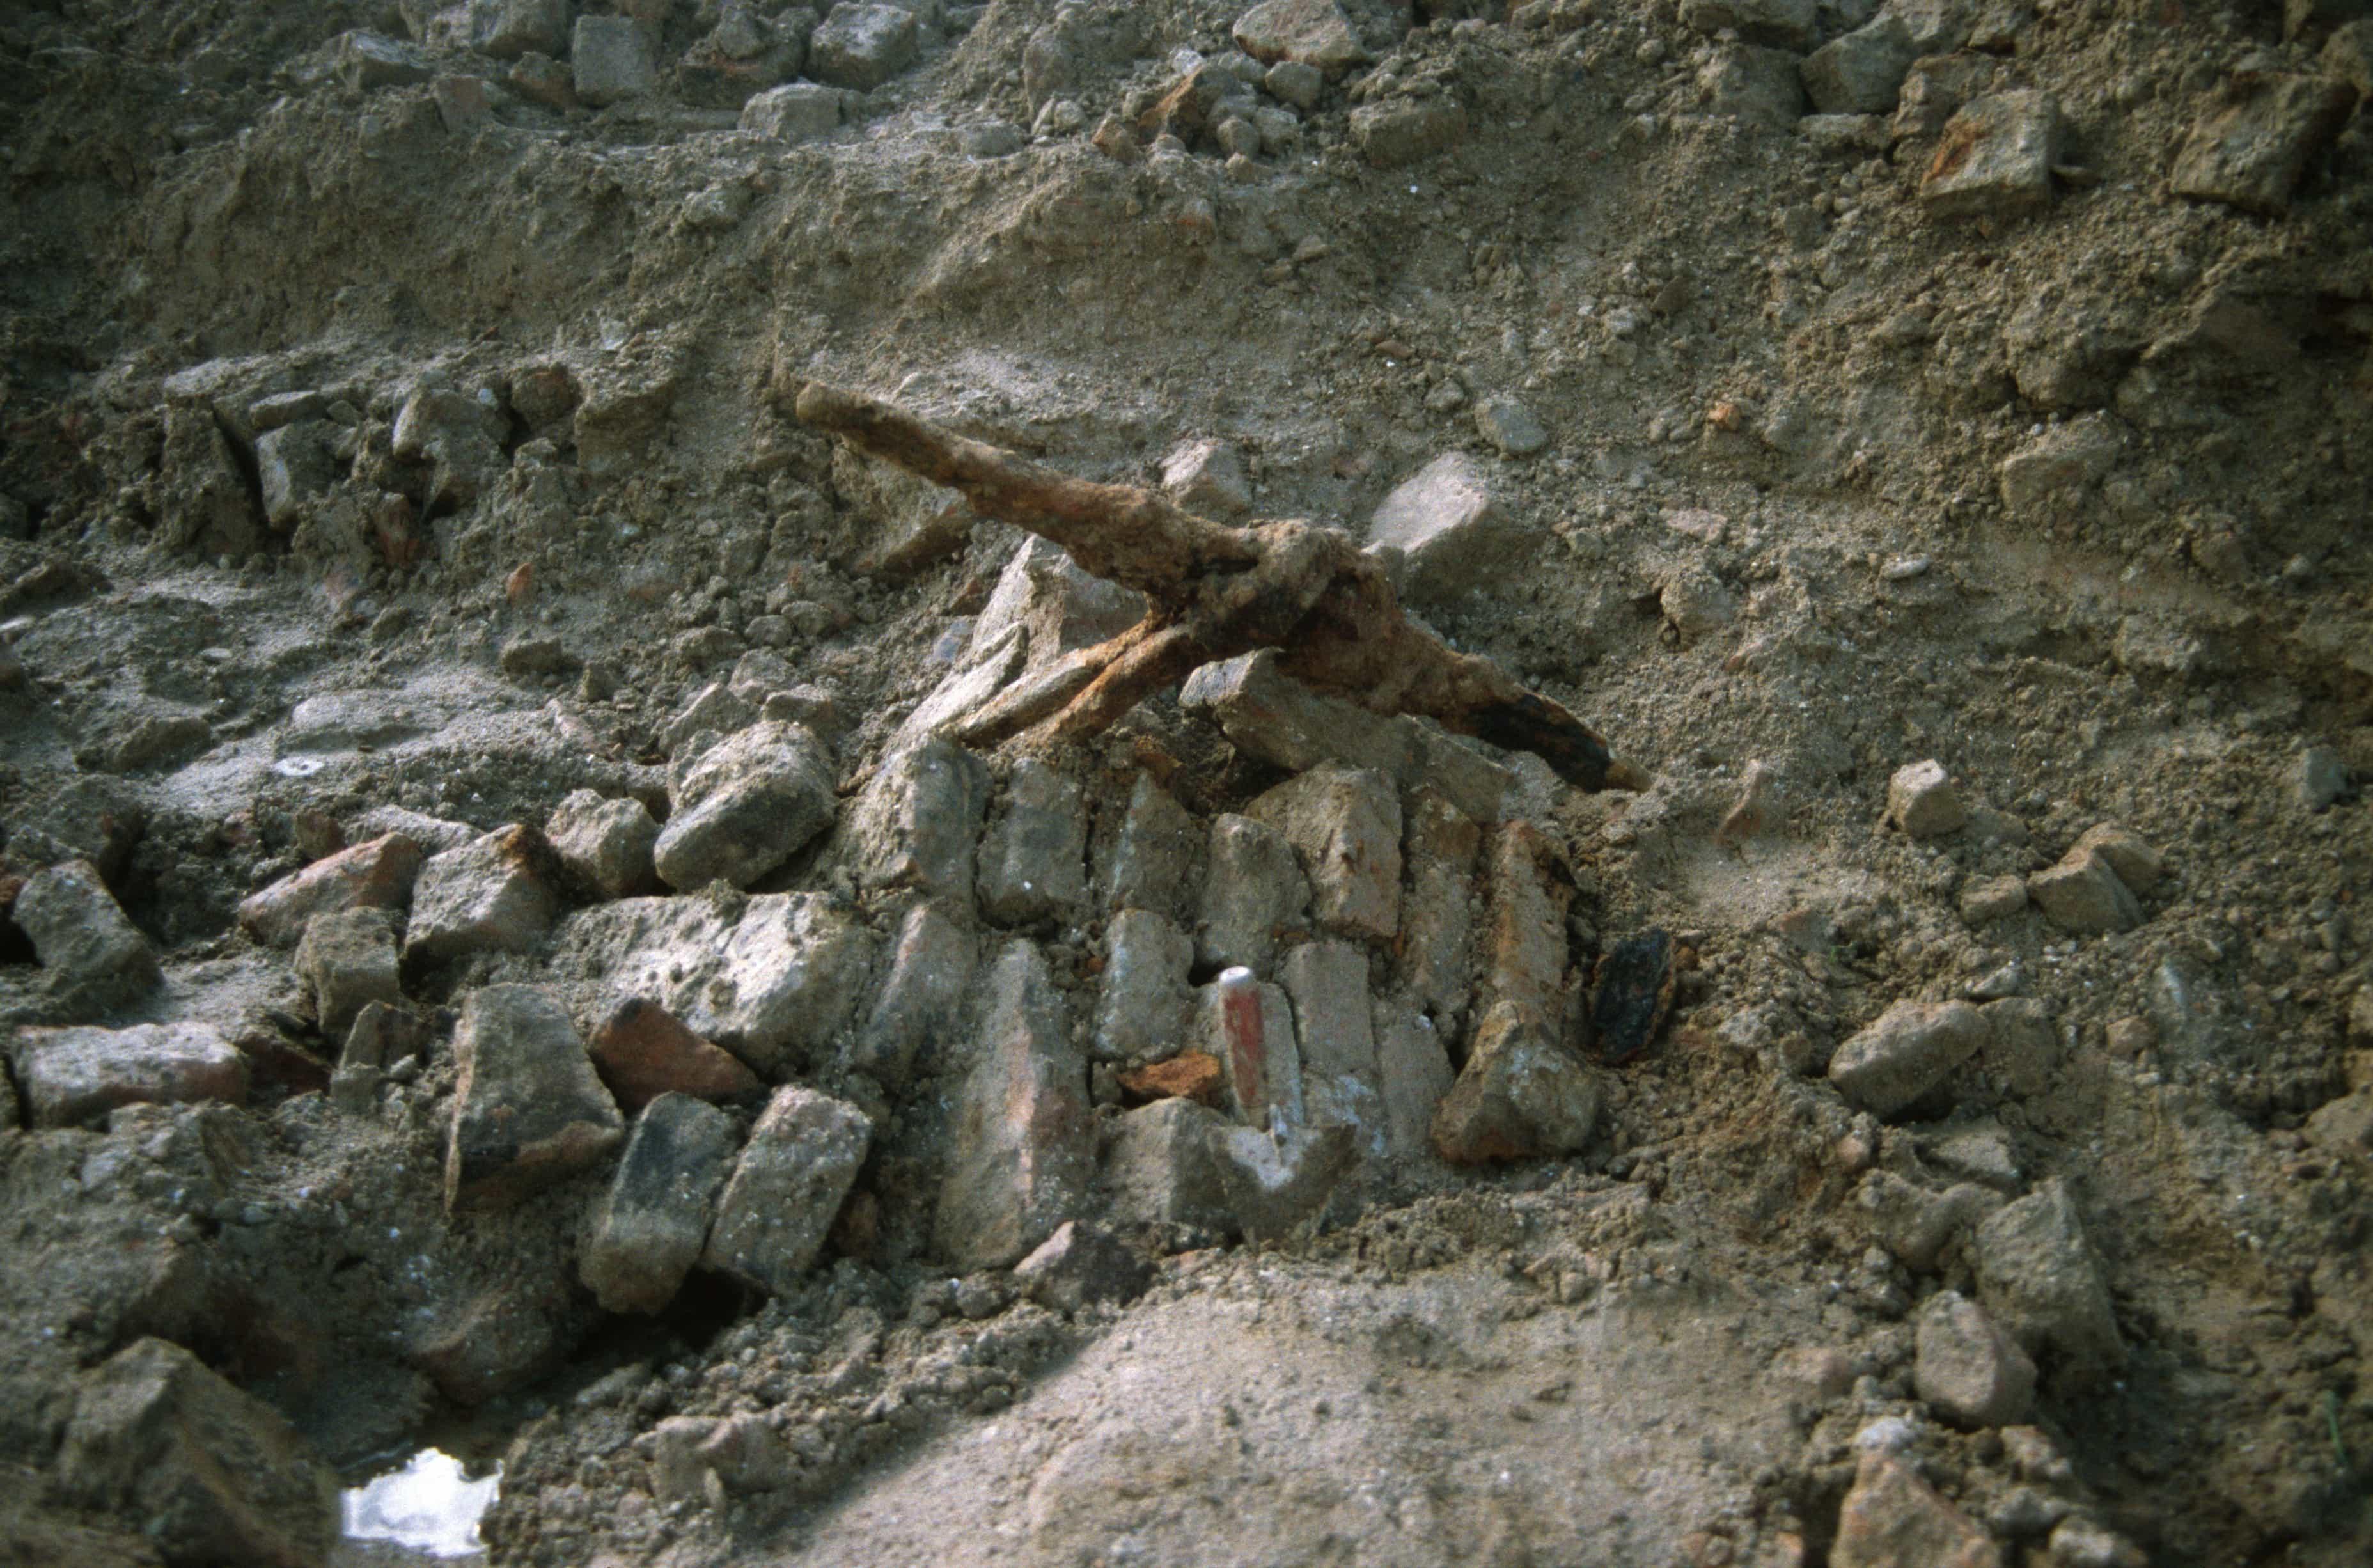 Puin en muuranker van neergehaalde muren, opgraving kasteel van de heren van Arkel in het Wijdschild te Gorinchem in 1996